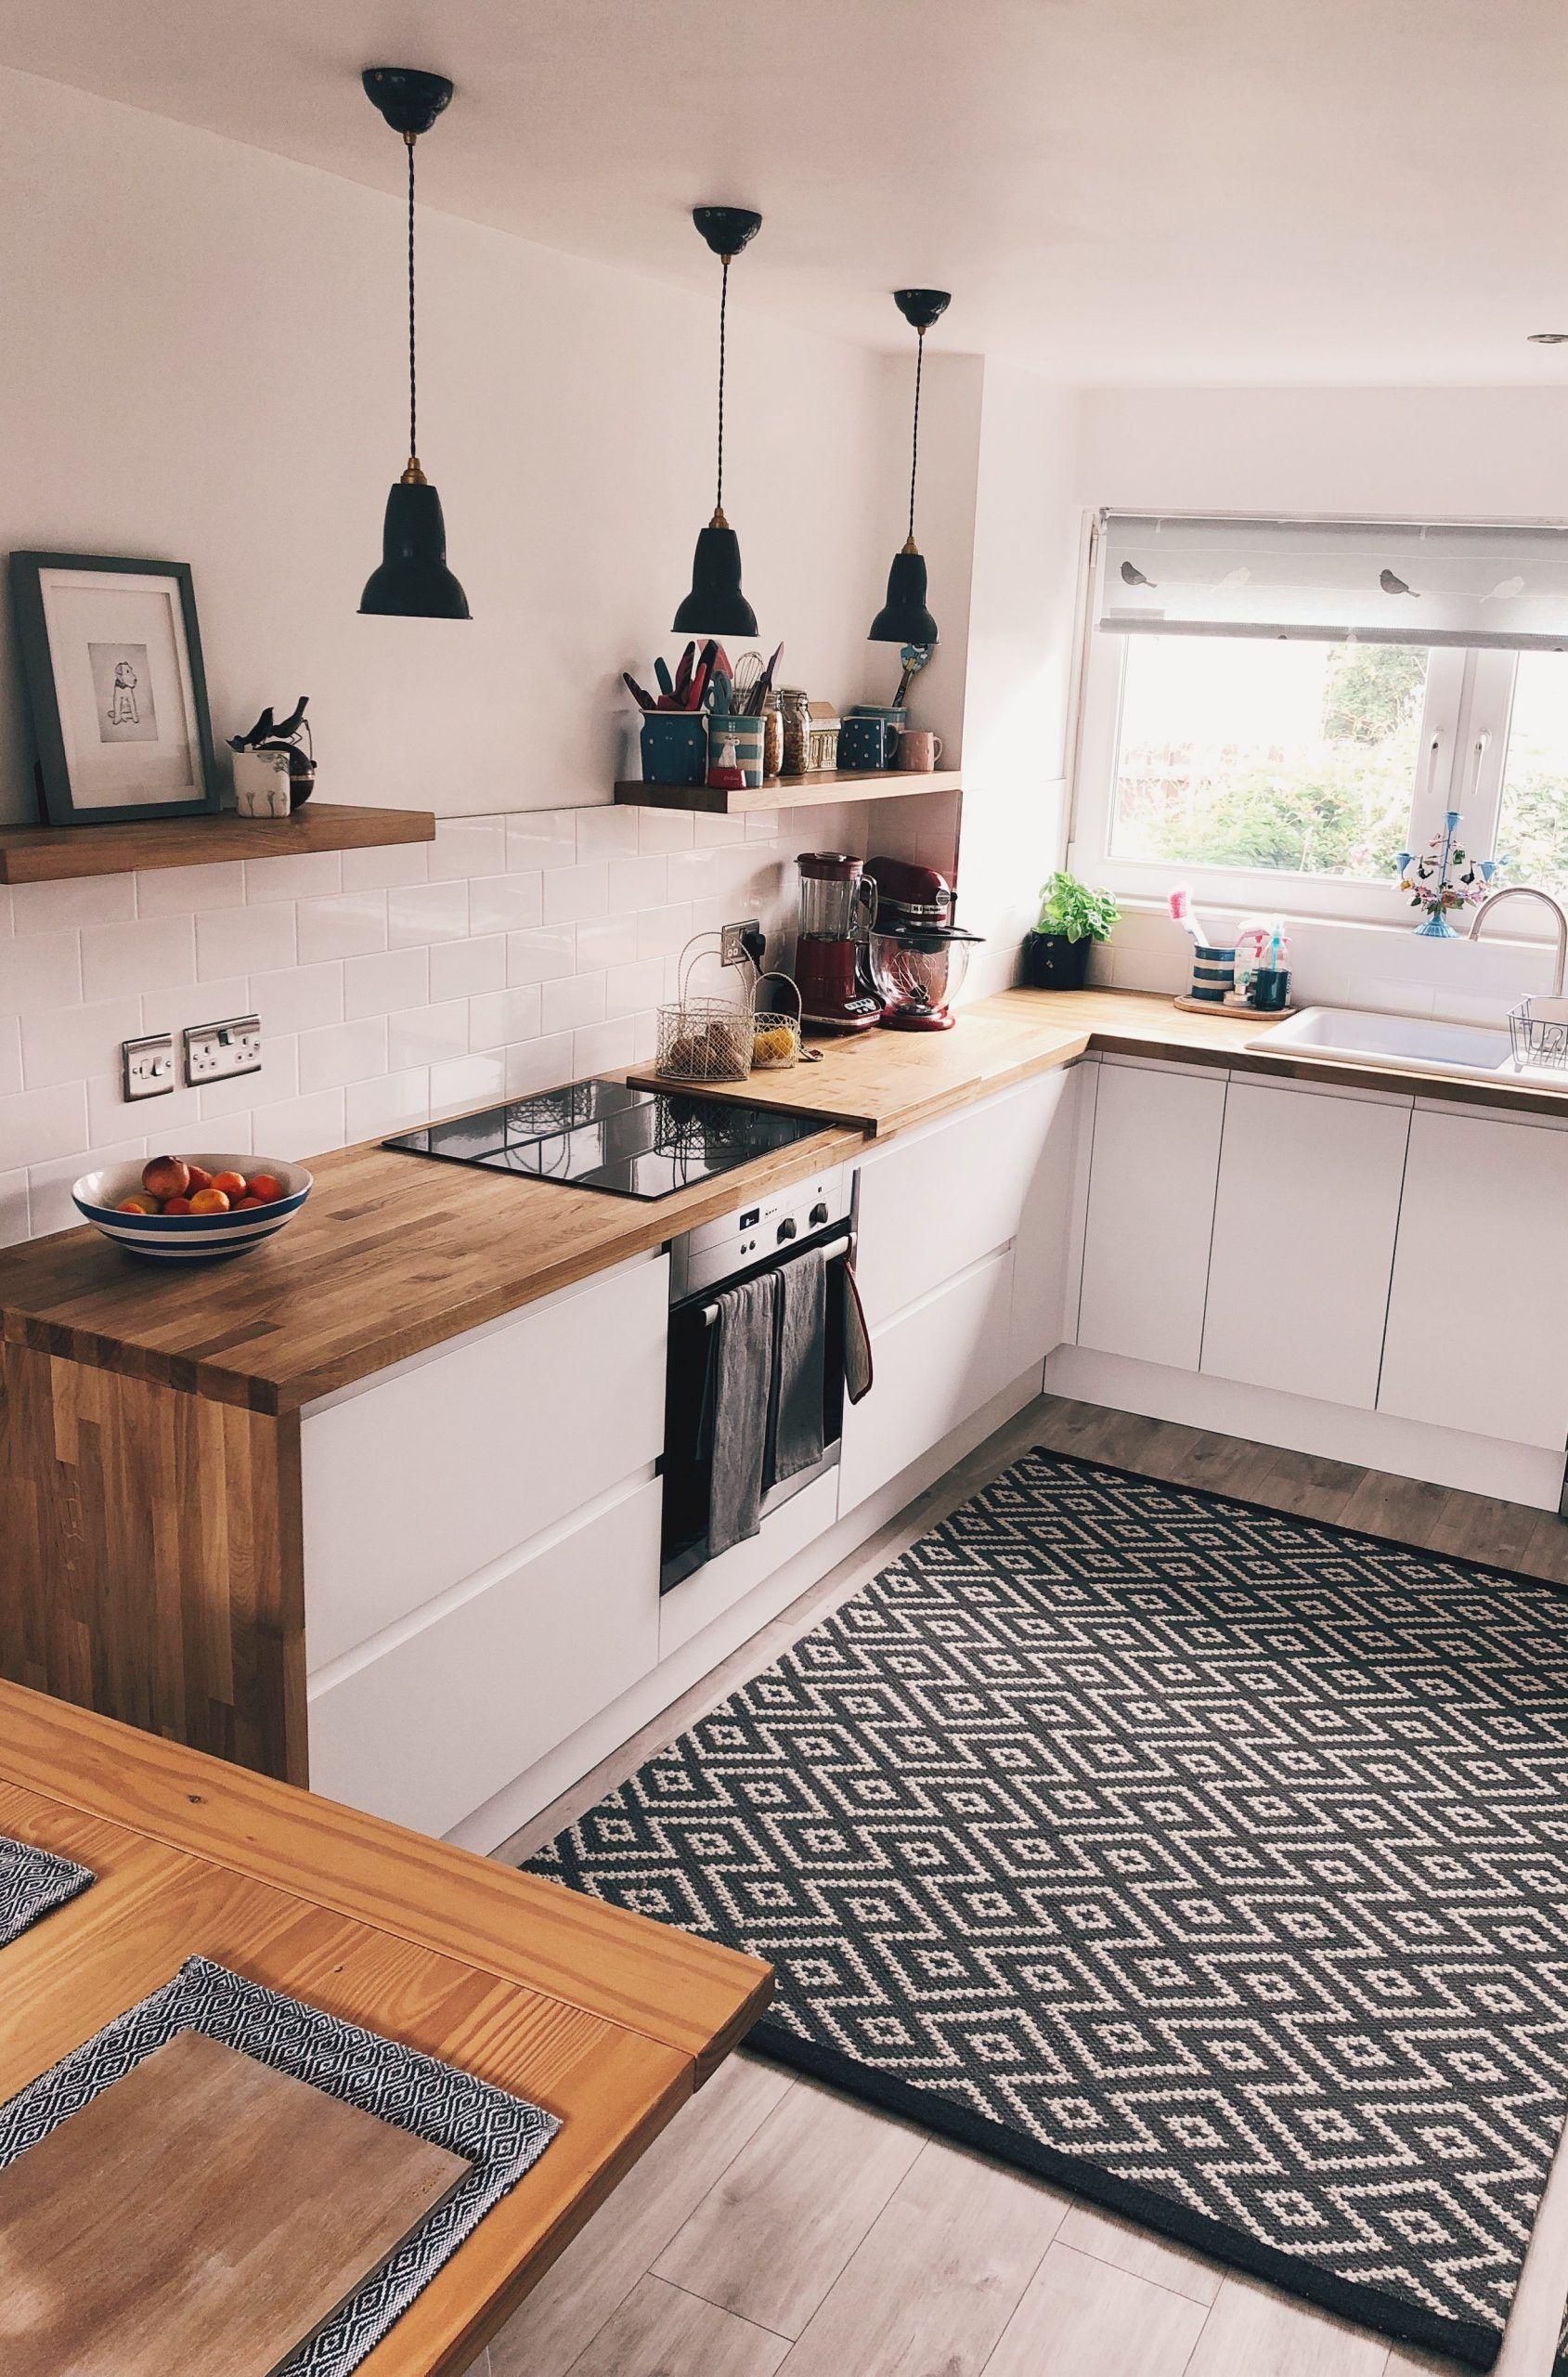 Idée décoration intérieure maison – déco cuisine ouverte équipée